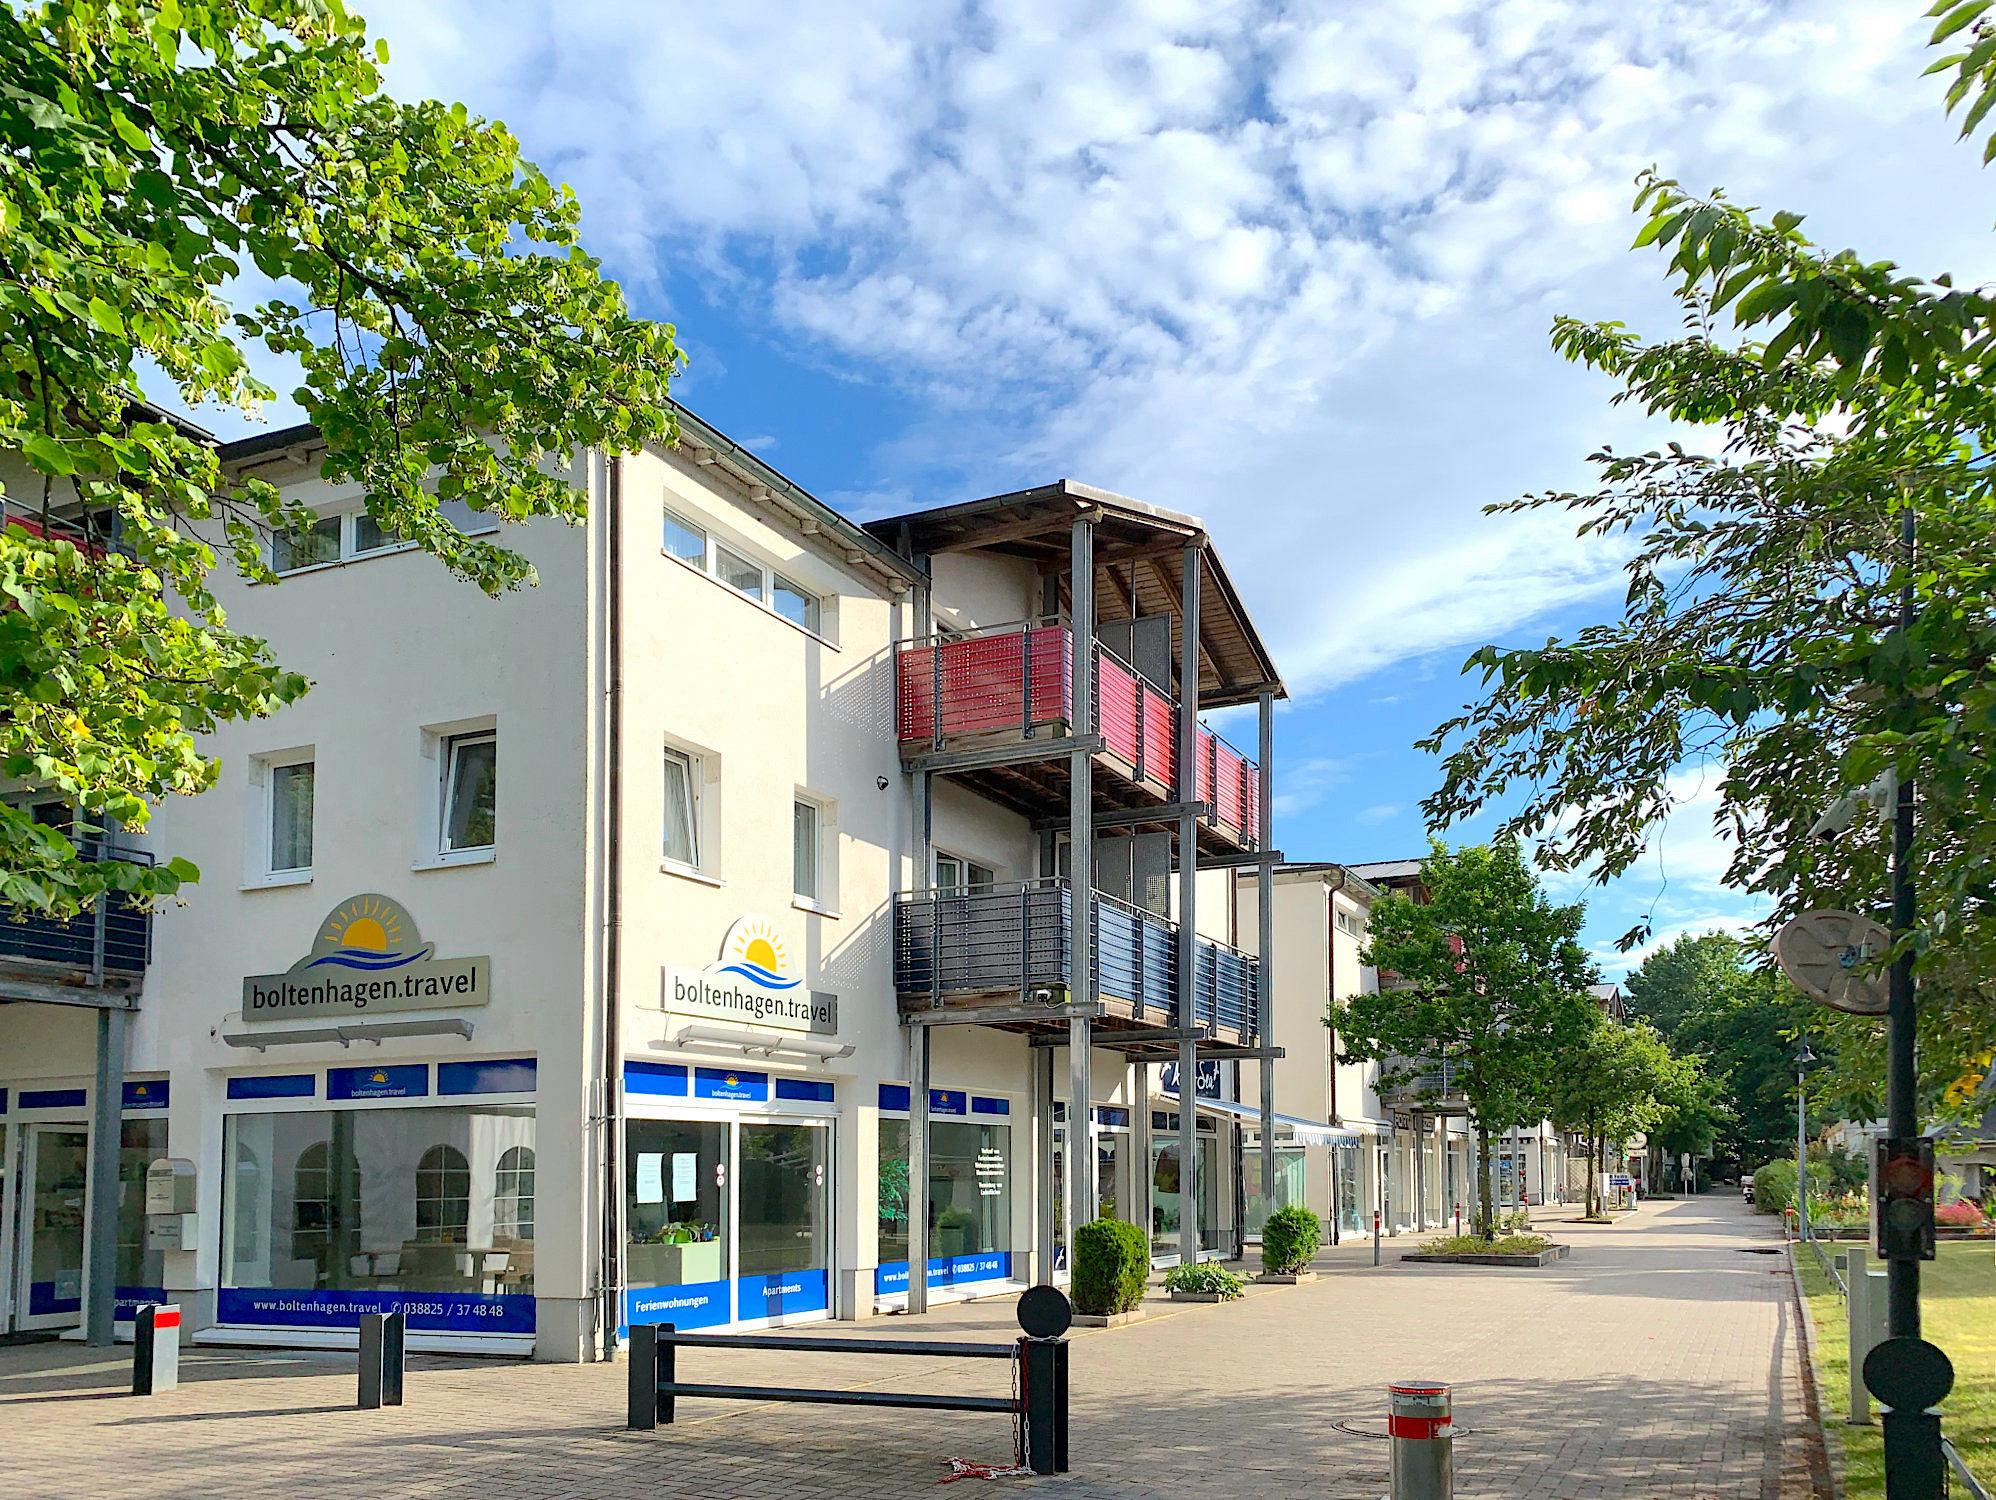 Außenansicht von Strandpalais in Boltenhagen